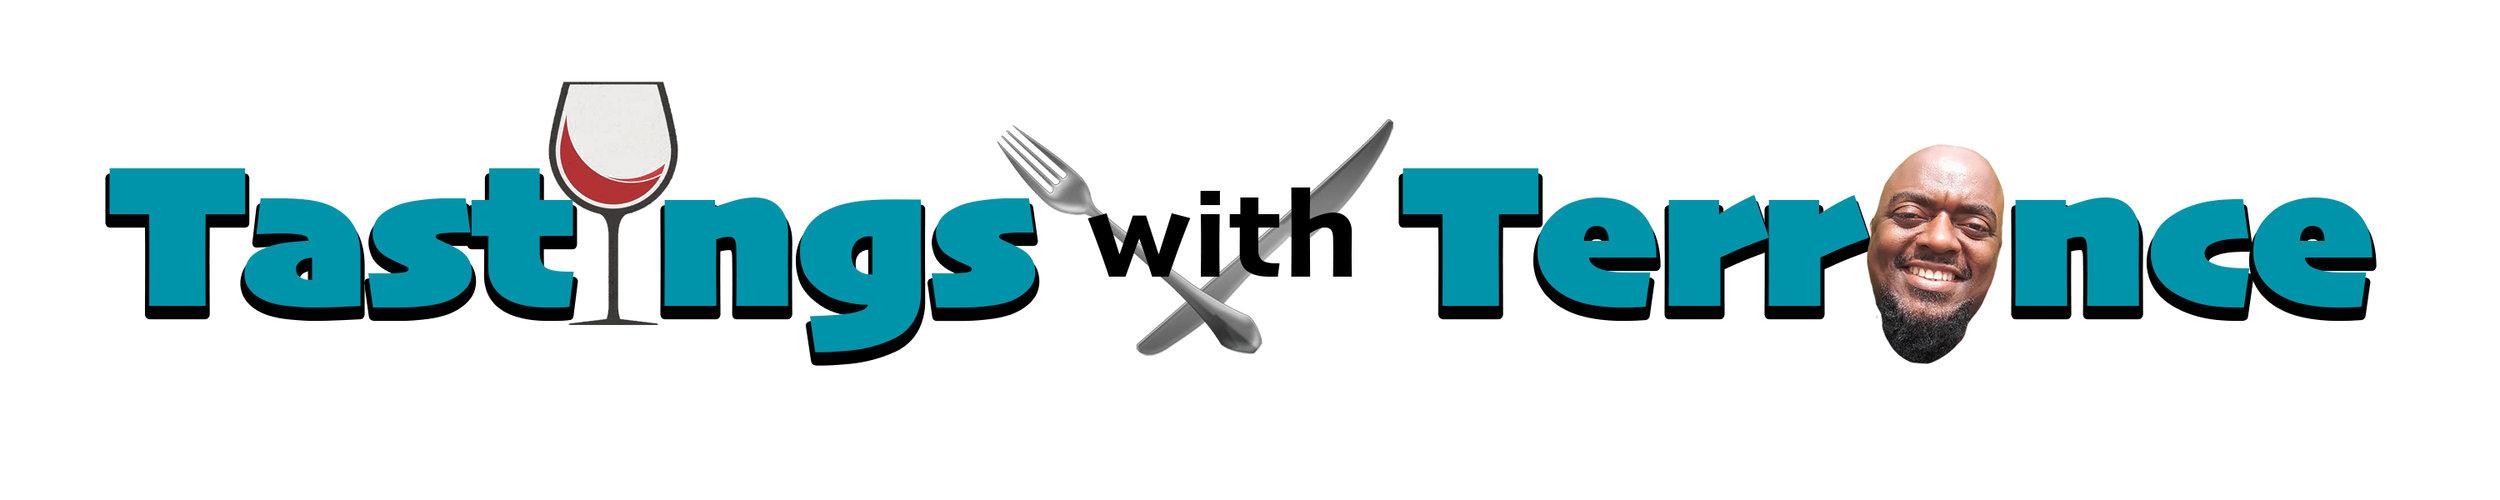 TastingsWTerrance_v2.jpg